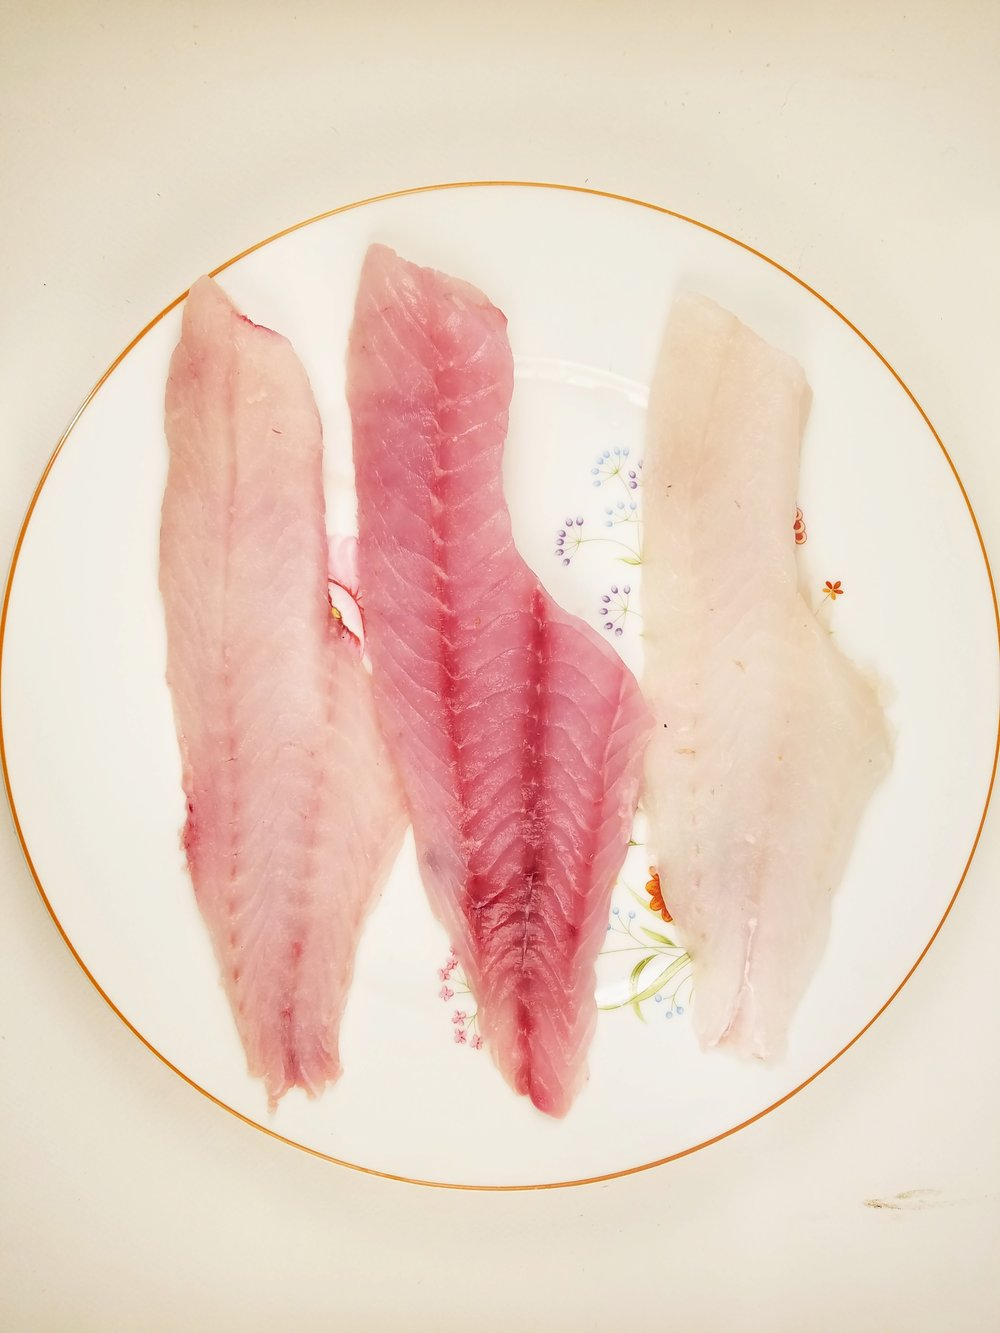 3 FISH FOR DINNER